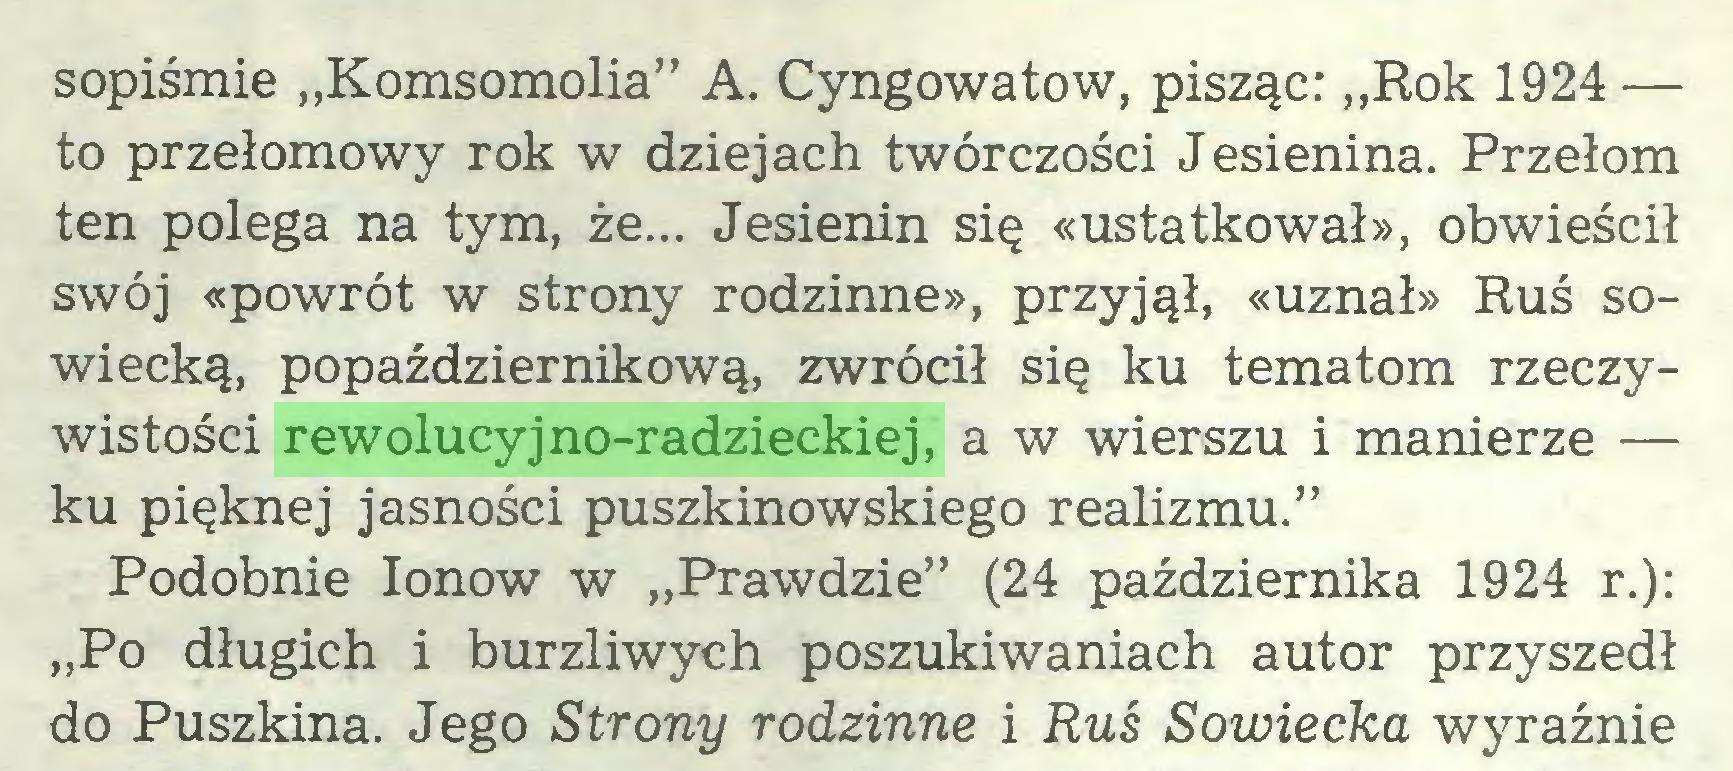 """(...) sopiśmie """"Komsomolia"""" A. Cyngowatow, pisząc: """"Rok 1924 — to przełomowy rok w dziejach twórczości Jesienina. Przełom ten polega na tym, że... Jesienin się «ustatkował», obwieścił swój «powrót w strony rodzinne», przyjął, «uznał» Ruś sowiecką, popaździernikową, zwrócił się ku tematom rzeczywistości rewolucyjno-radzieckiej, a w wierszu i manierze — ku pięknej jasności puszkinowskiego realizmu."""" Podobnie Ionow w """"Prawdzie"""" (24 października 1924 r.): """"Po długich i burzliwych poszukiwaniach autor przyszedł do Puszkina. Jego Strony rodzinne i Ruś Sowiecka wyraźnie..."""